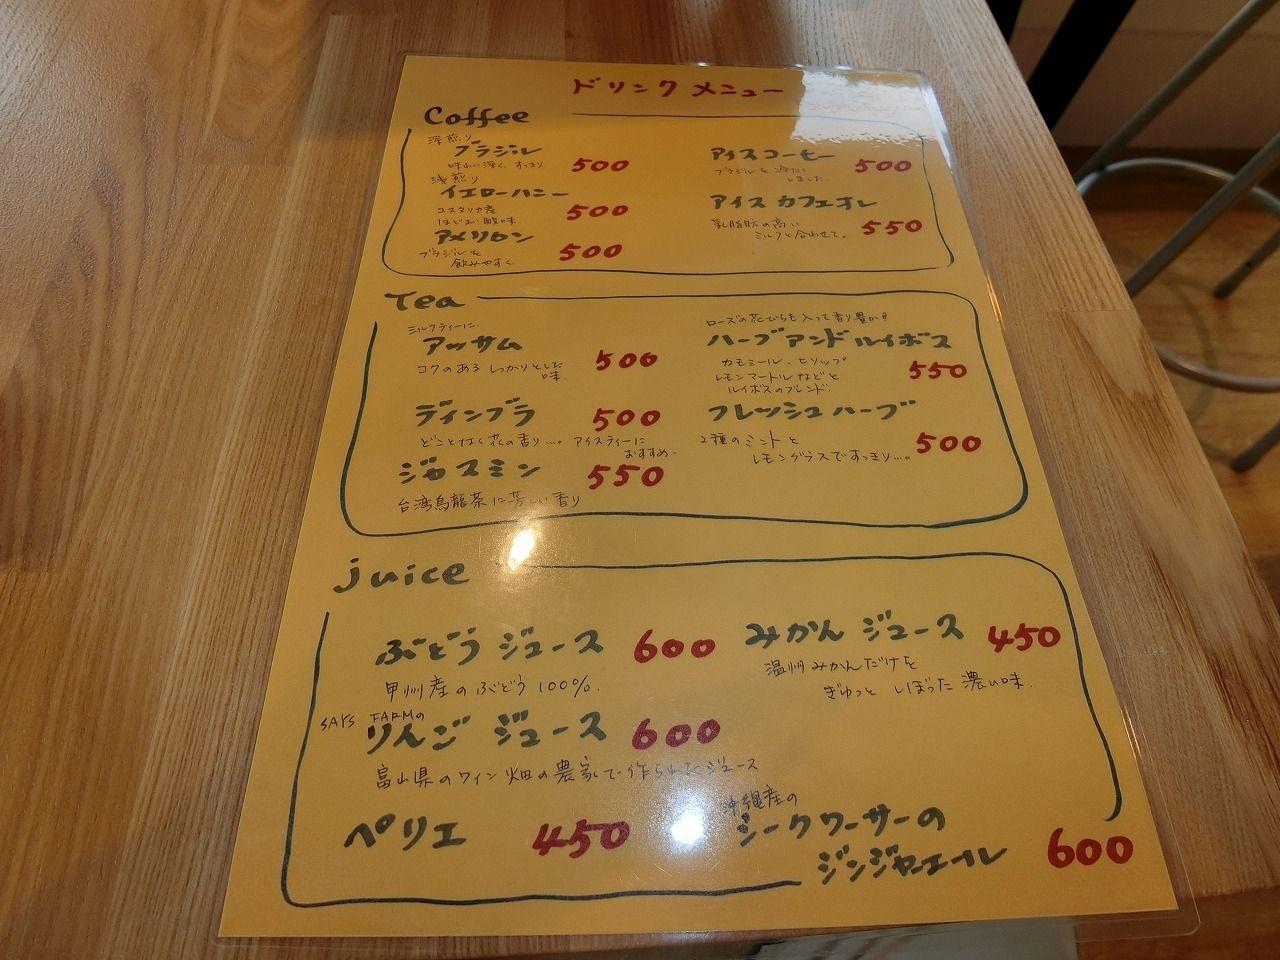 「Madalena Cafe」(マダレーナ カフェ) のメニュー(ドリンク)